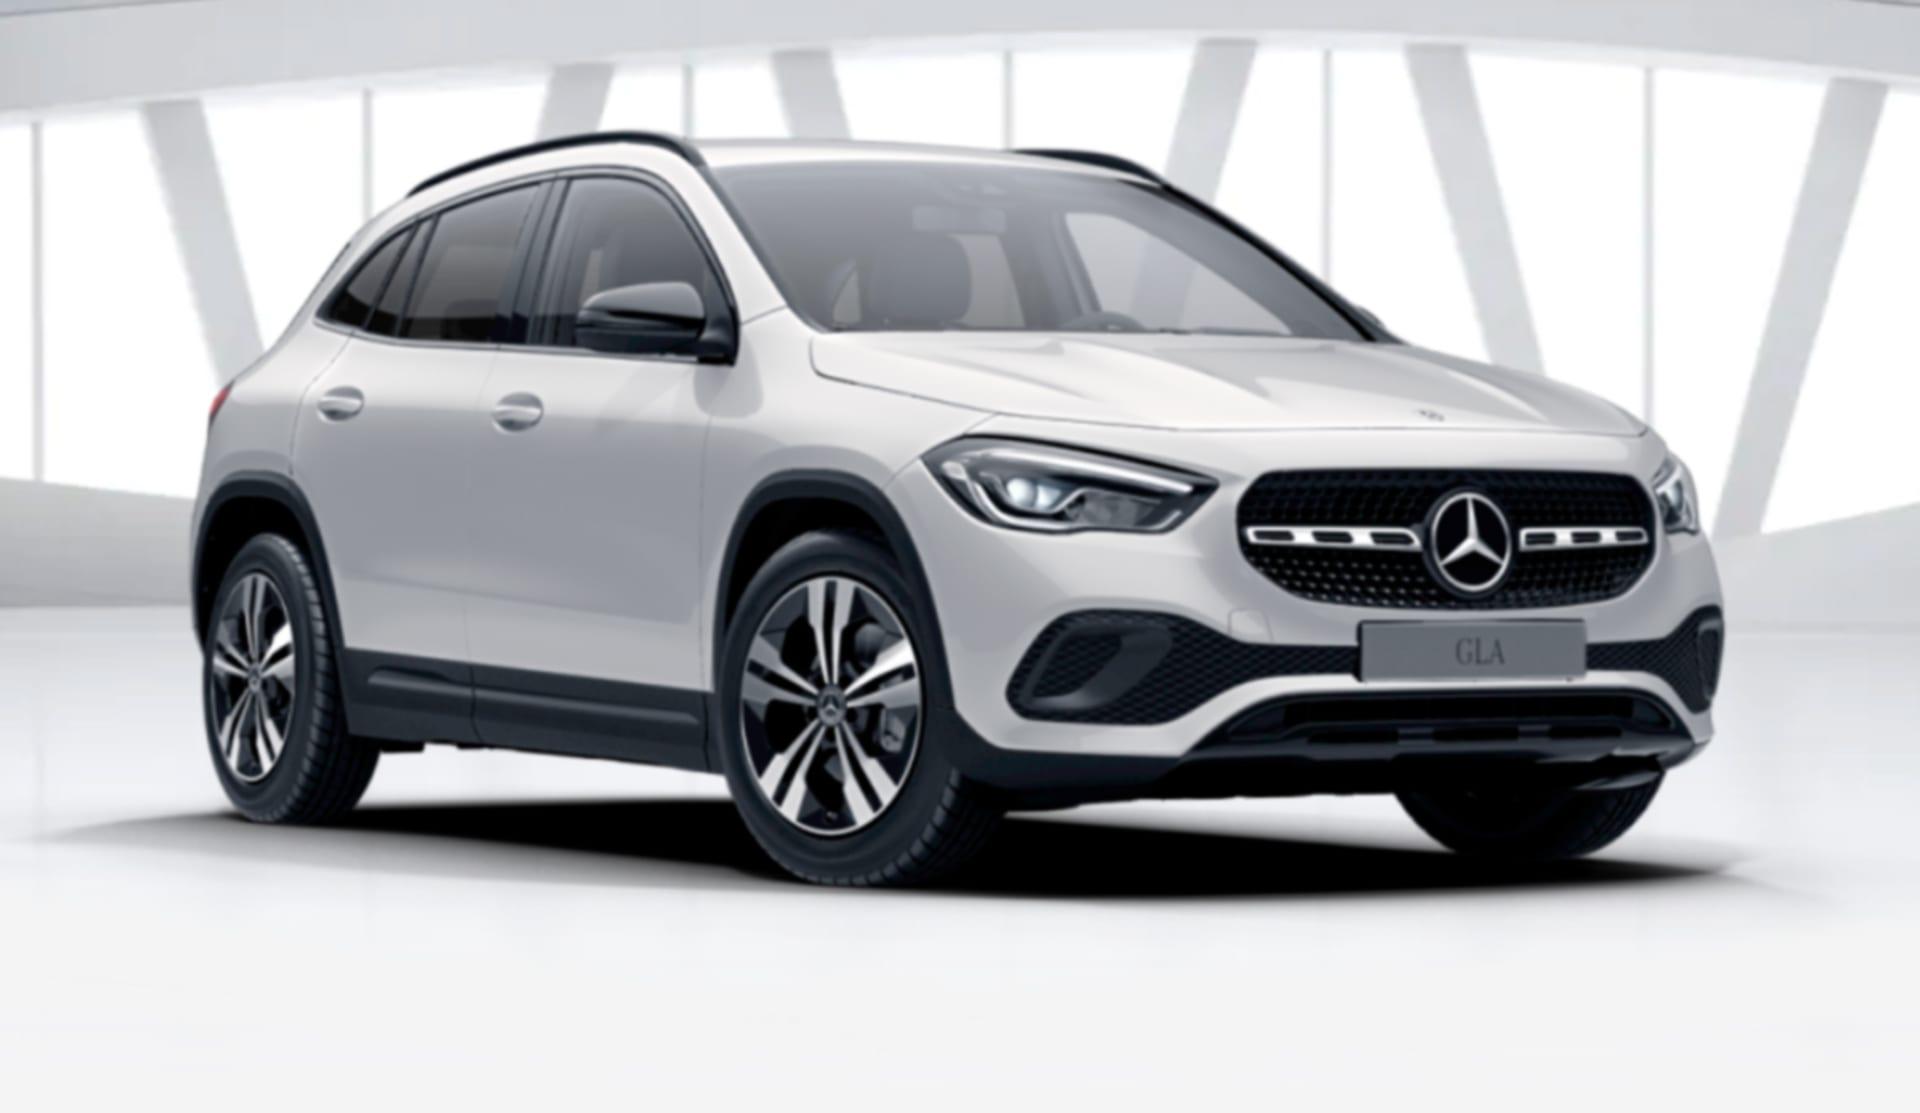 Mercedes-Benz GLA-Class 0152620275